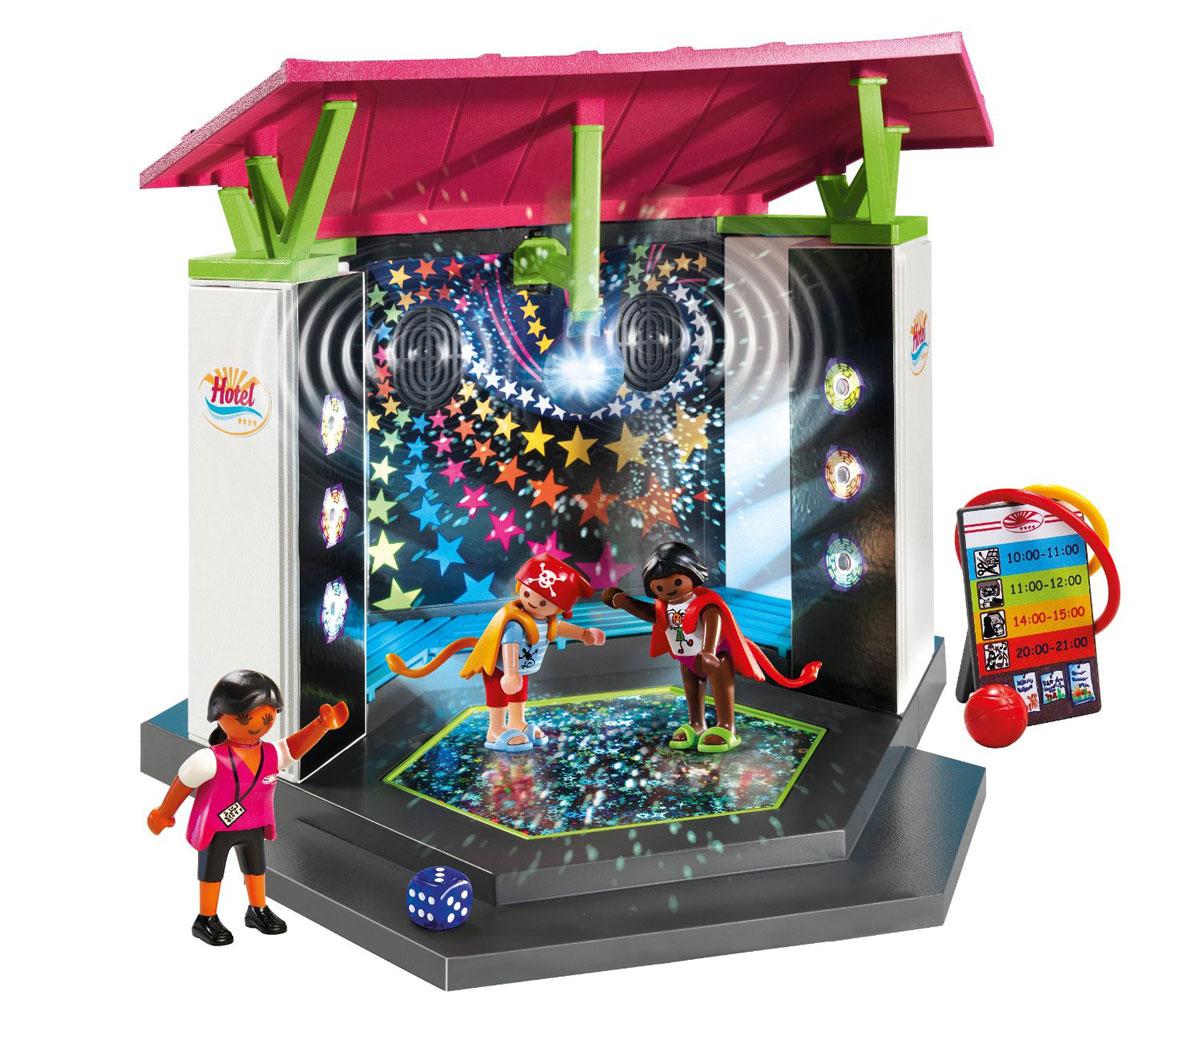 Playmobil Игровой набор Отель Детский клуб с танцплощадкой5266pmИгровой набор Playmobil Отель: Детский клуб с танцплощадкой не даст ребенку скучать. Днем на танцплощадке можно проводить спортивные занятия с прилучающимся инвентарем, а вечером она может становиться веселой дискотекой. Танцплощадка оснащена звуковыми и световыми эффектами. Например, при включении танцплощадки с двух ее сторон мигают три прожектора, а сверху горит дискотечный шар. К набору прилагается кабель, который можно подключить к плееру, телефону или другому устройству и на площадке зазвучит любимая музыка. В набор входит: две фигурки детей, фигурка взрослого, пальма, провод mp3, стенд с рекламой, мяч, кубик, кукла, 2 обруча, 8 кеглей, 2 накидки с хвостиками. Игровые наборы Playmobil помогают ребенку развить фантазию, координацию движения, ритмичность. Характеристики: Высота фигурки взрослого: 7,5 см. Высота фигурки ребенка: 5,25 см. Изготовитель: Германия. Необходимо докупить 4 батарейки...